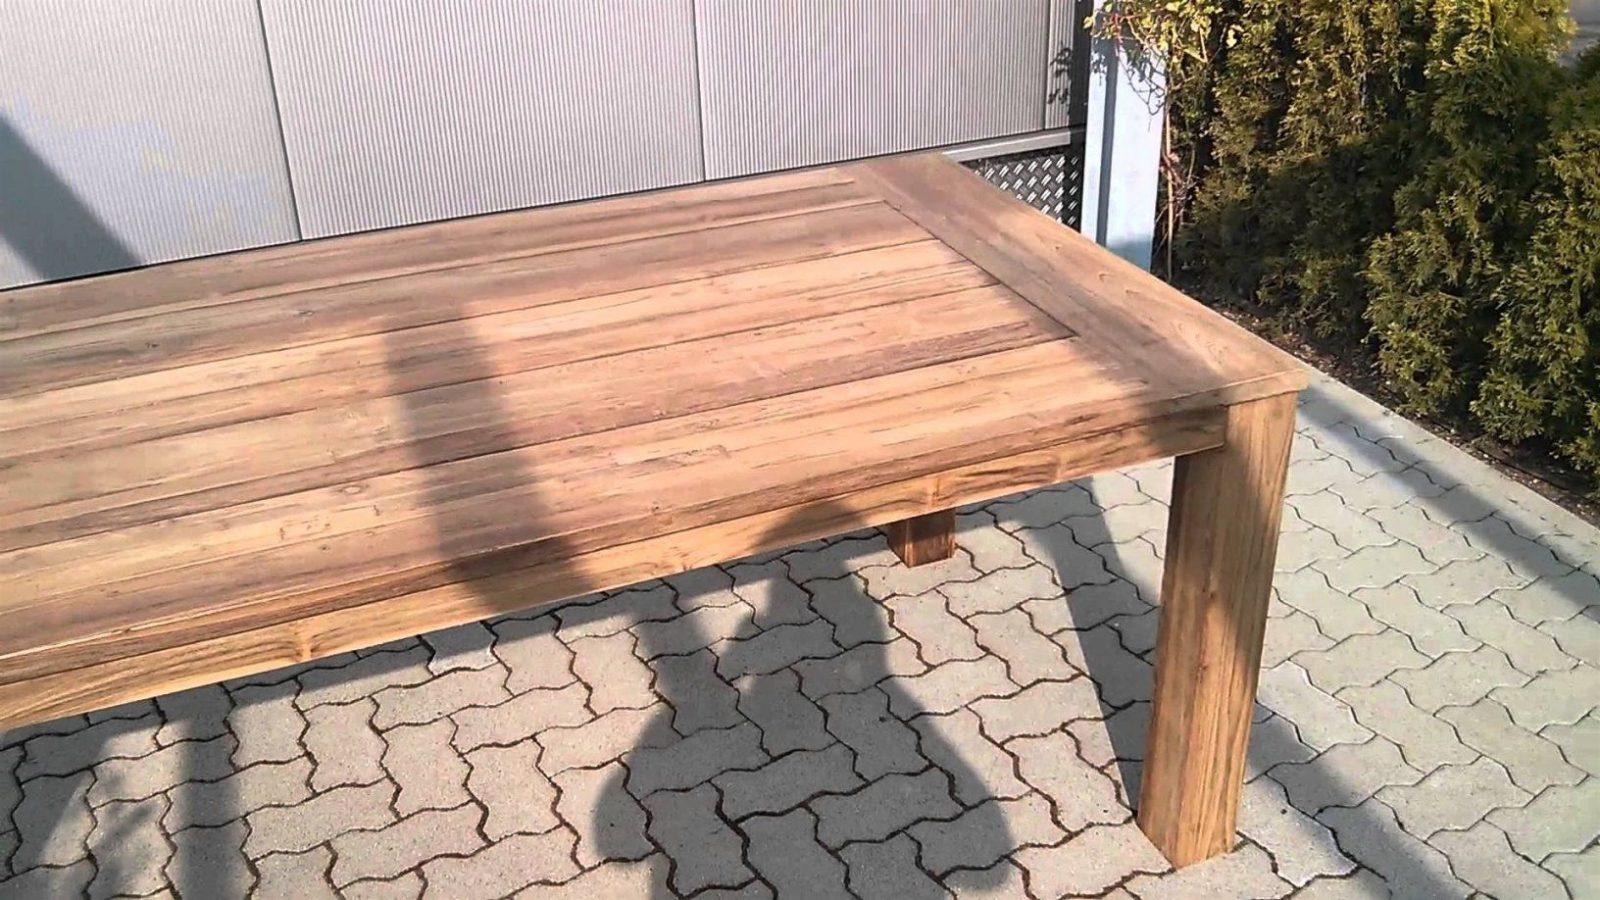 Schaukelliege Holz Bauanleitung  Saigonford von Schaukelliege Holz Selber Bauen Bild